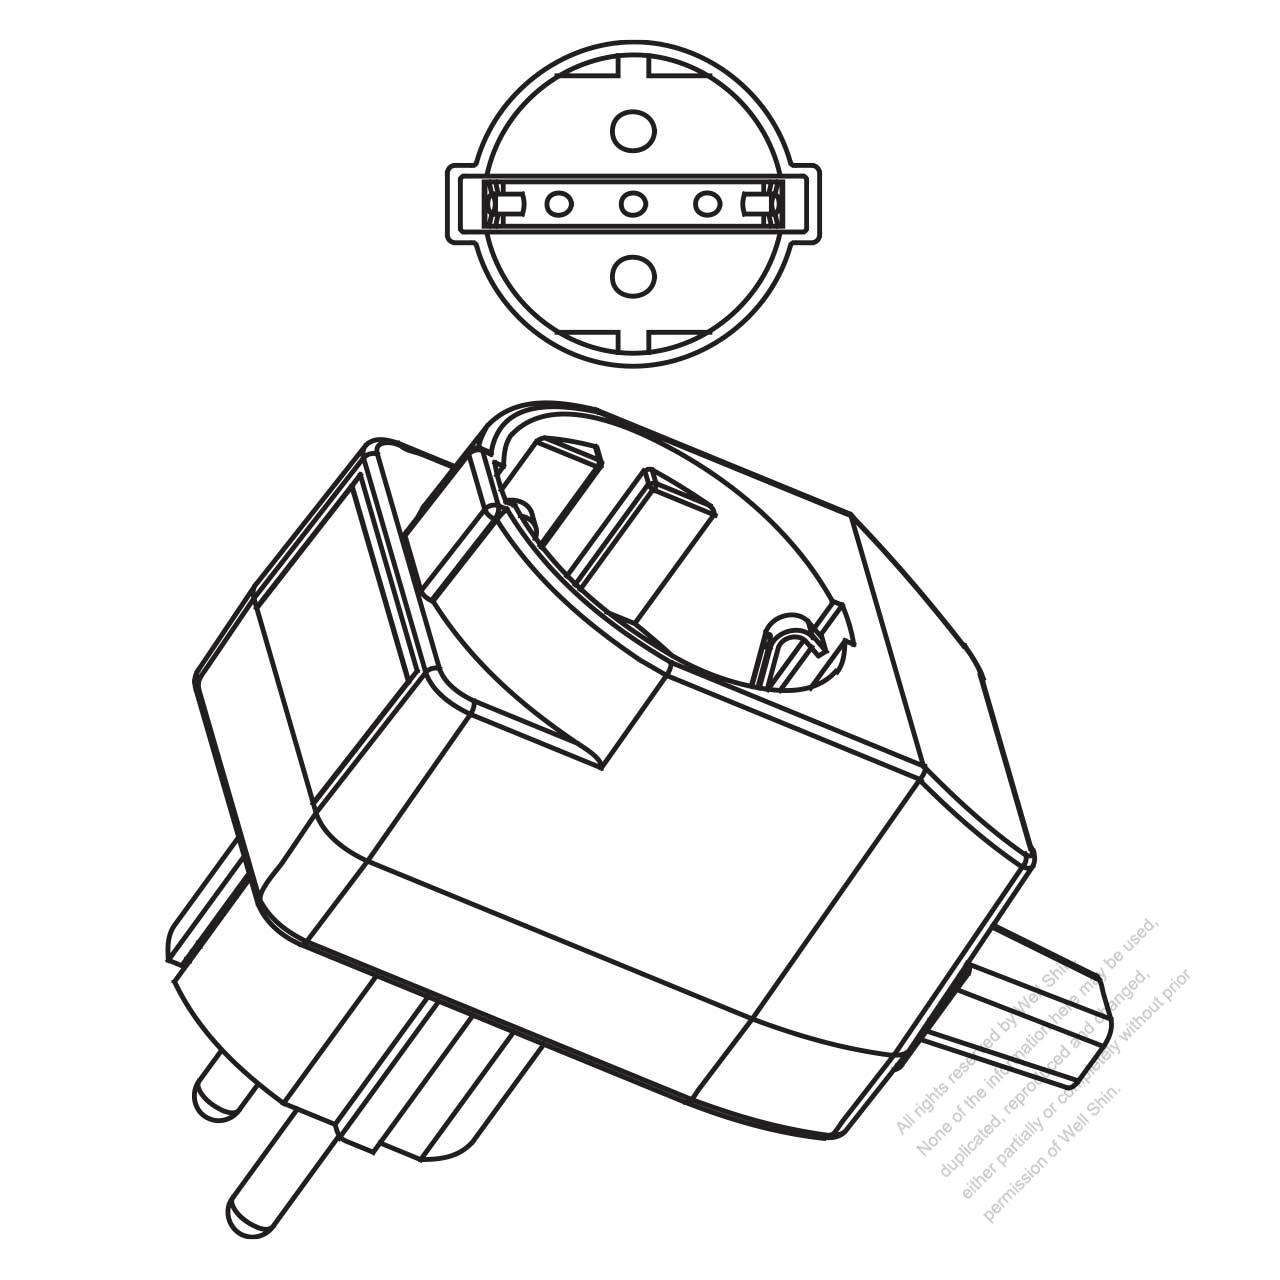 germany 3 pin t shape ac plug 10a 16a 250v well shin technology T- shaped Geometry germany 3 pin t shape ac plug 10a 16a 250v